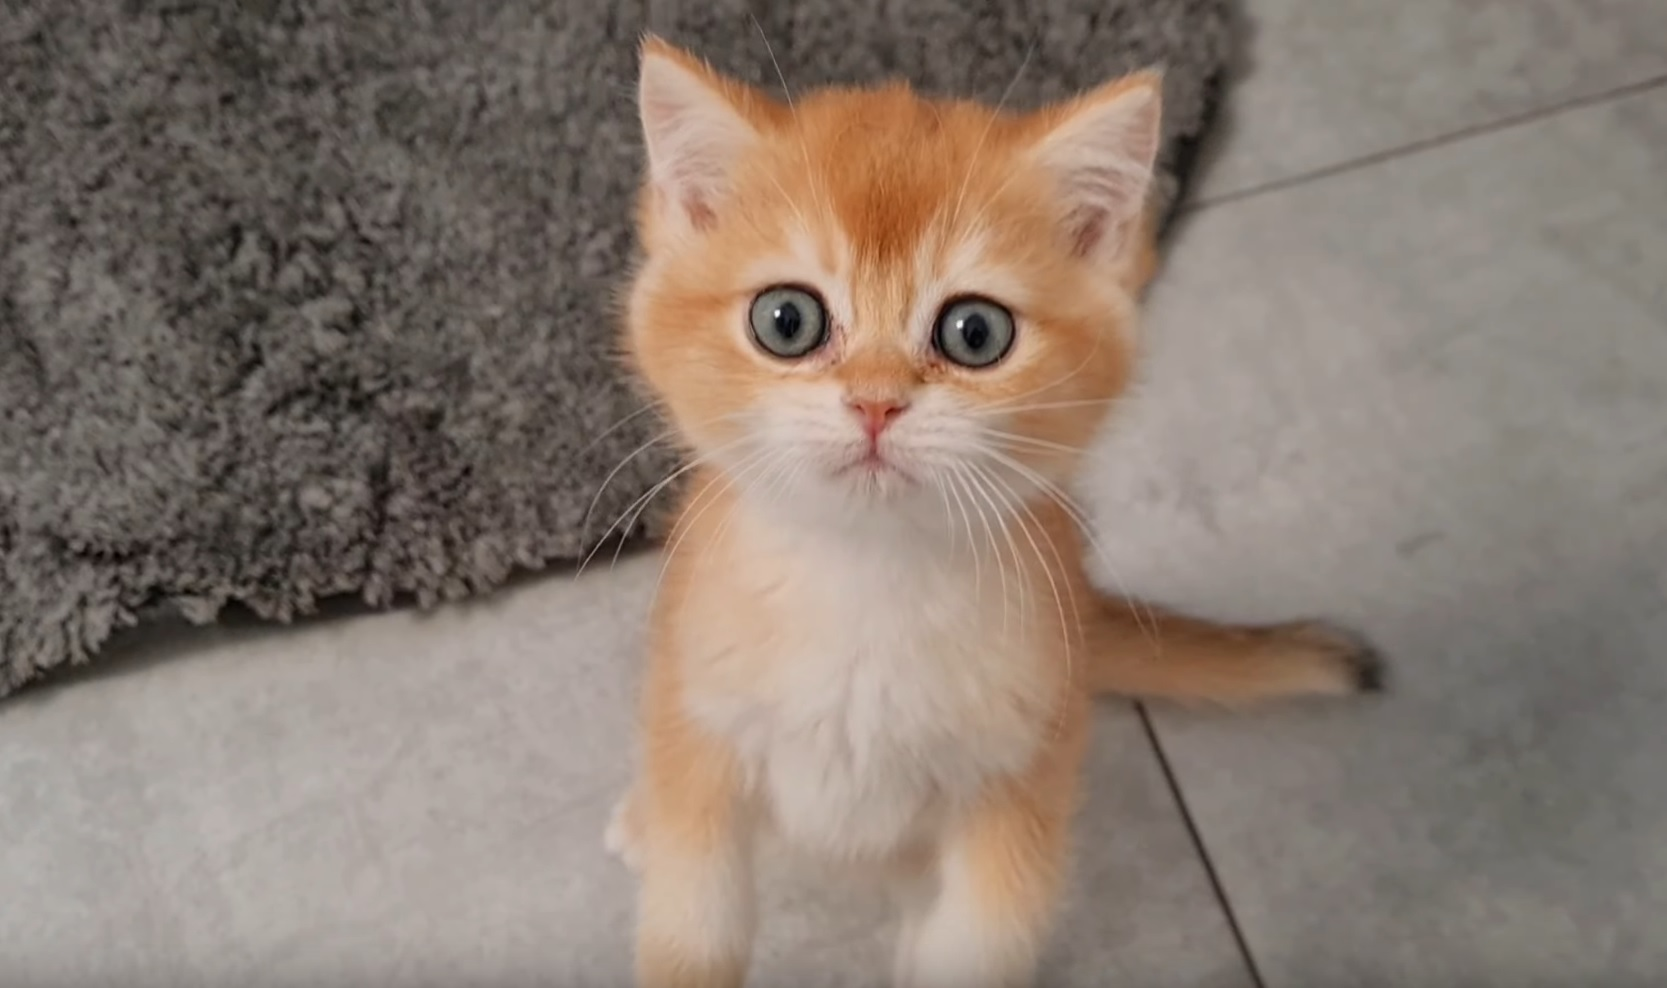 Kittens Eating ASMR